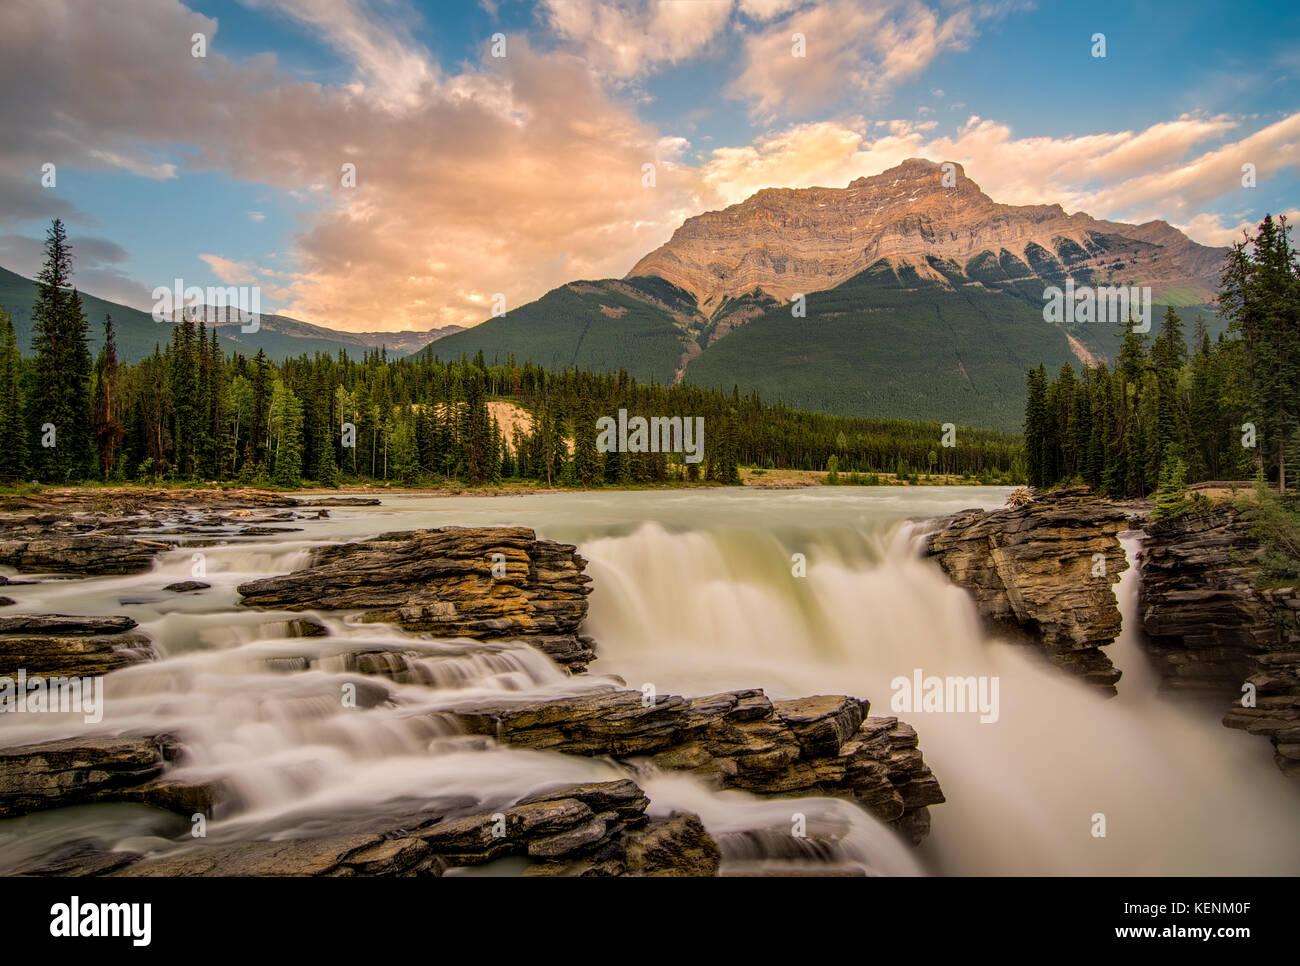 Caída de Athabasca se encuentra en el Parque Nacional de Jasper, Alberta, Canadá Foto de stock